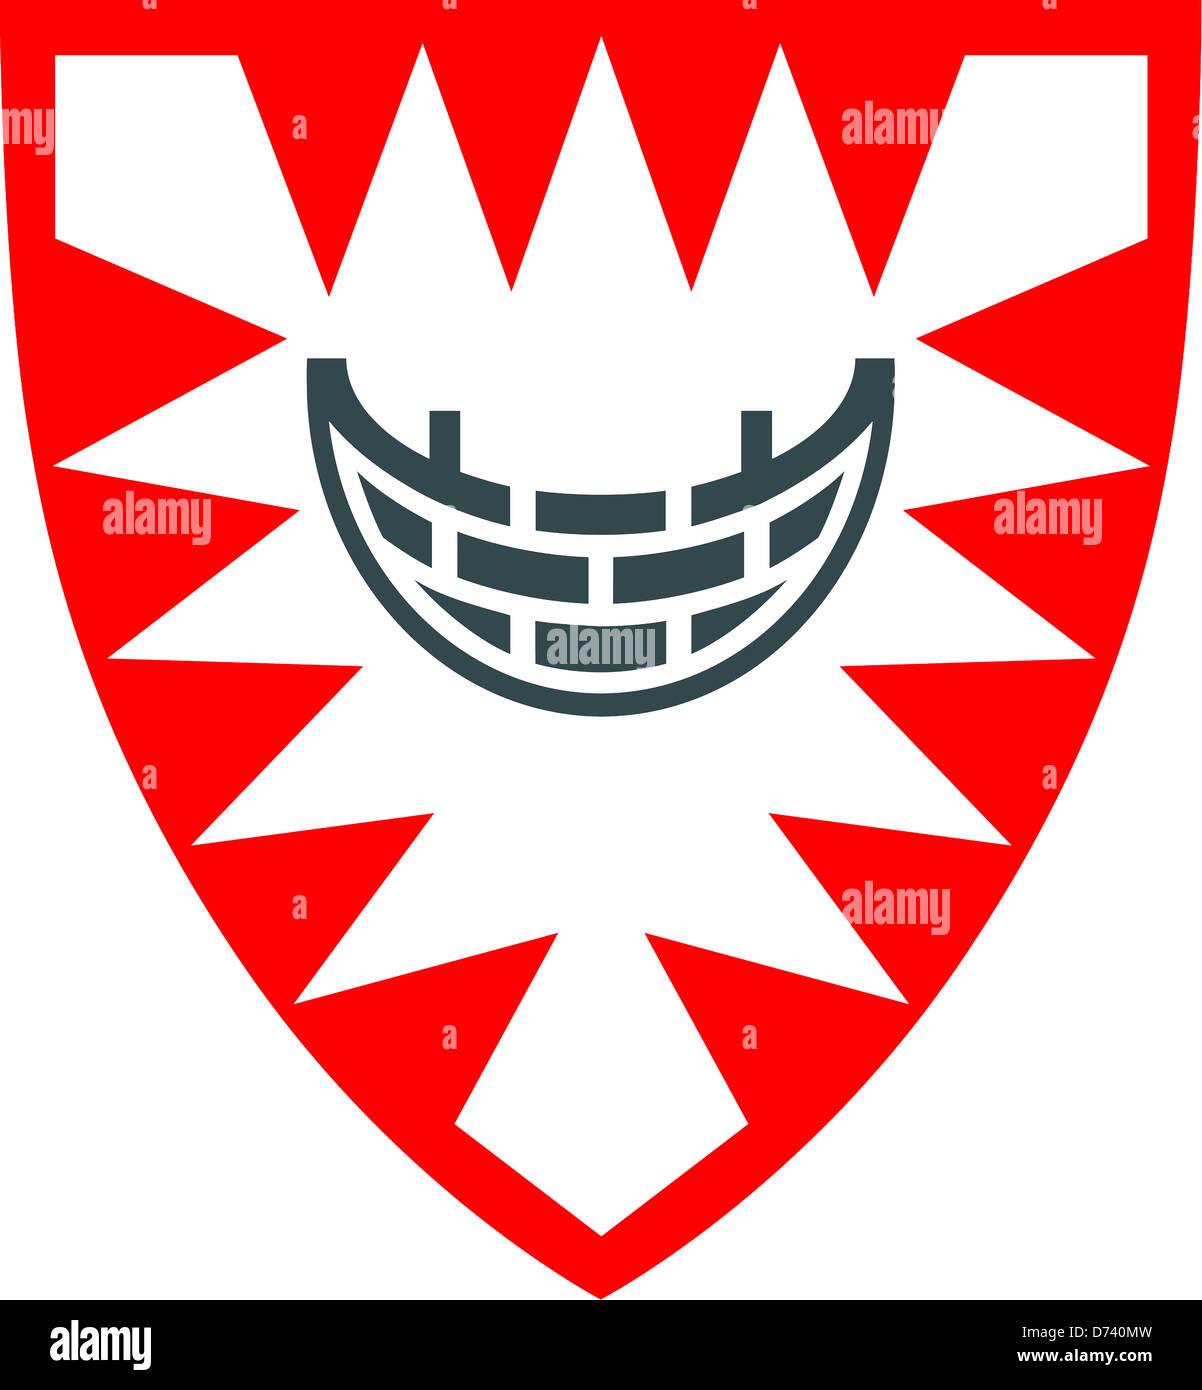 Wappen Der Stadt Kiel Schleswig Holstein Stockfoto Bild 56022089